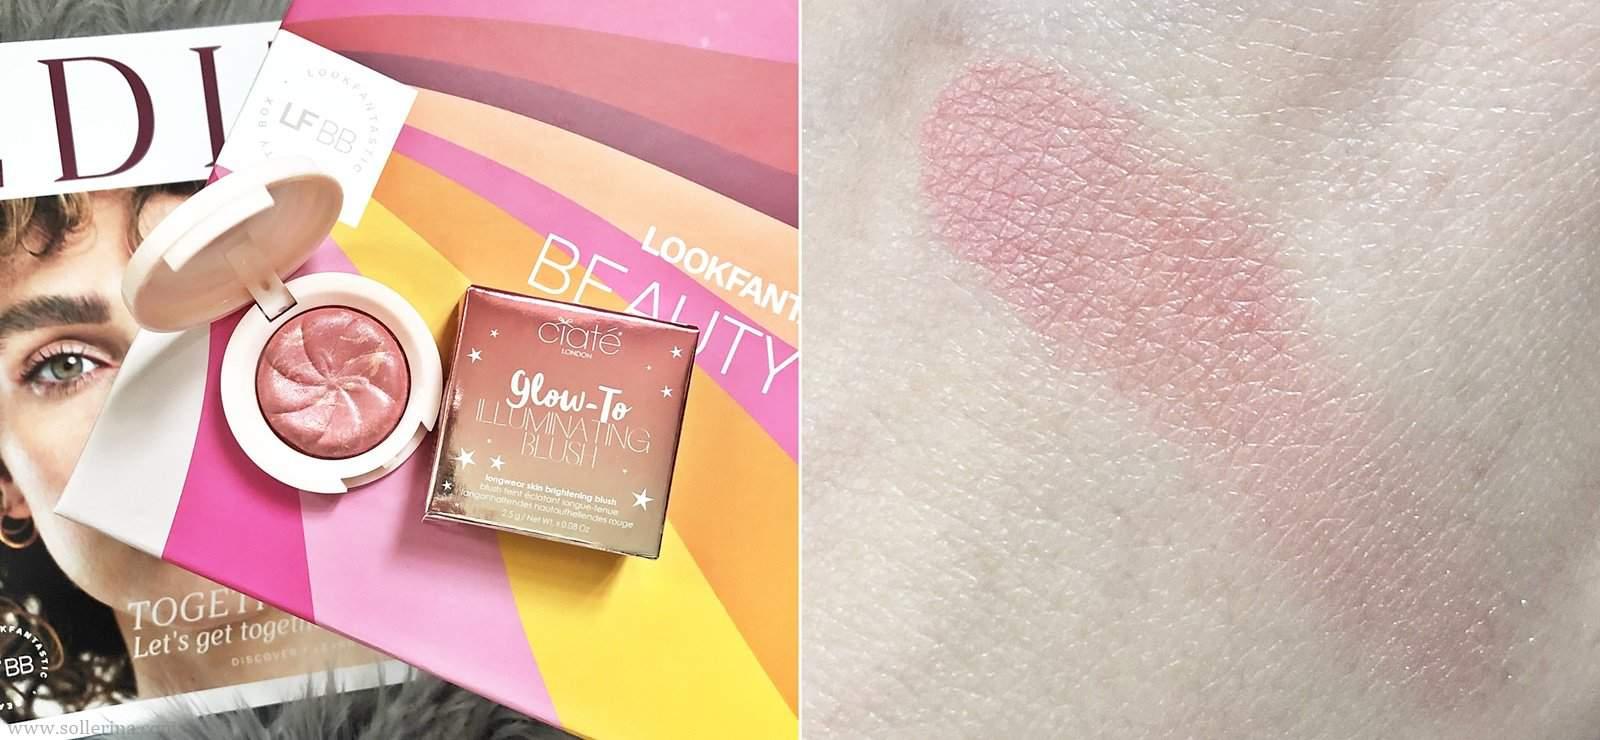 Ciaté London – Glow-To Illuminating Blush – Matchmaker